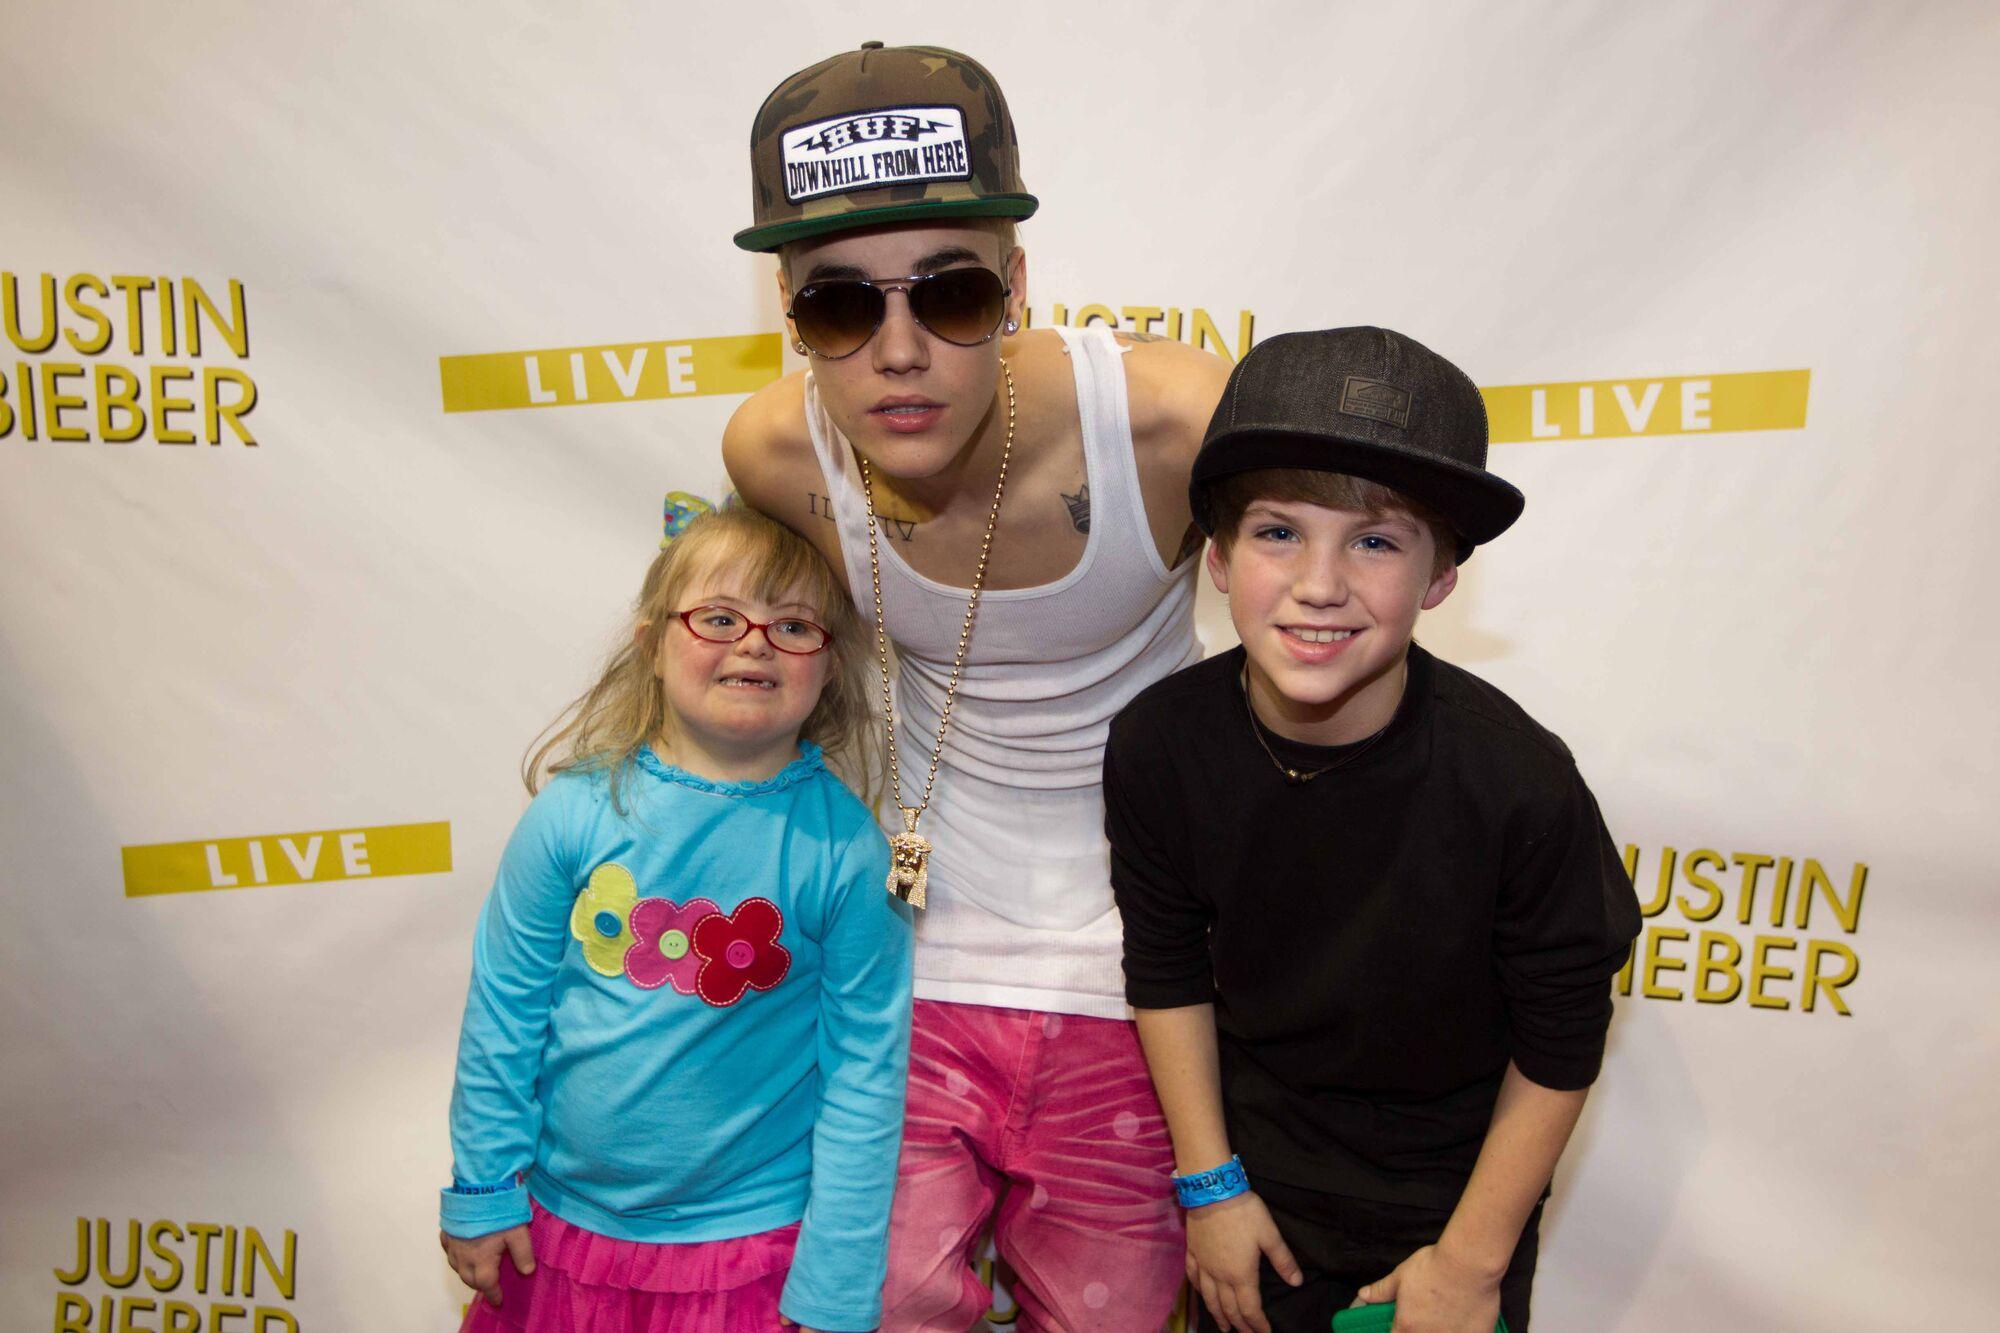 Justin Bieber | MattyBRaps Wiki | FANDOM powered by Wikia